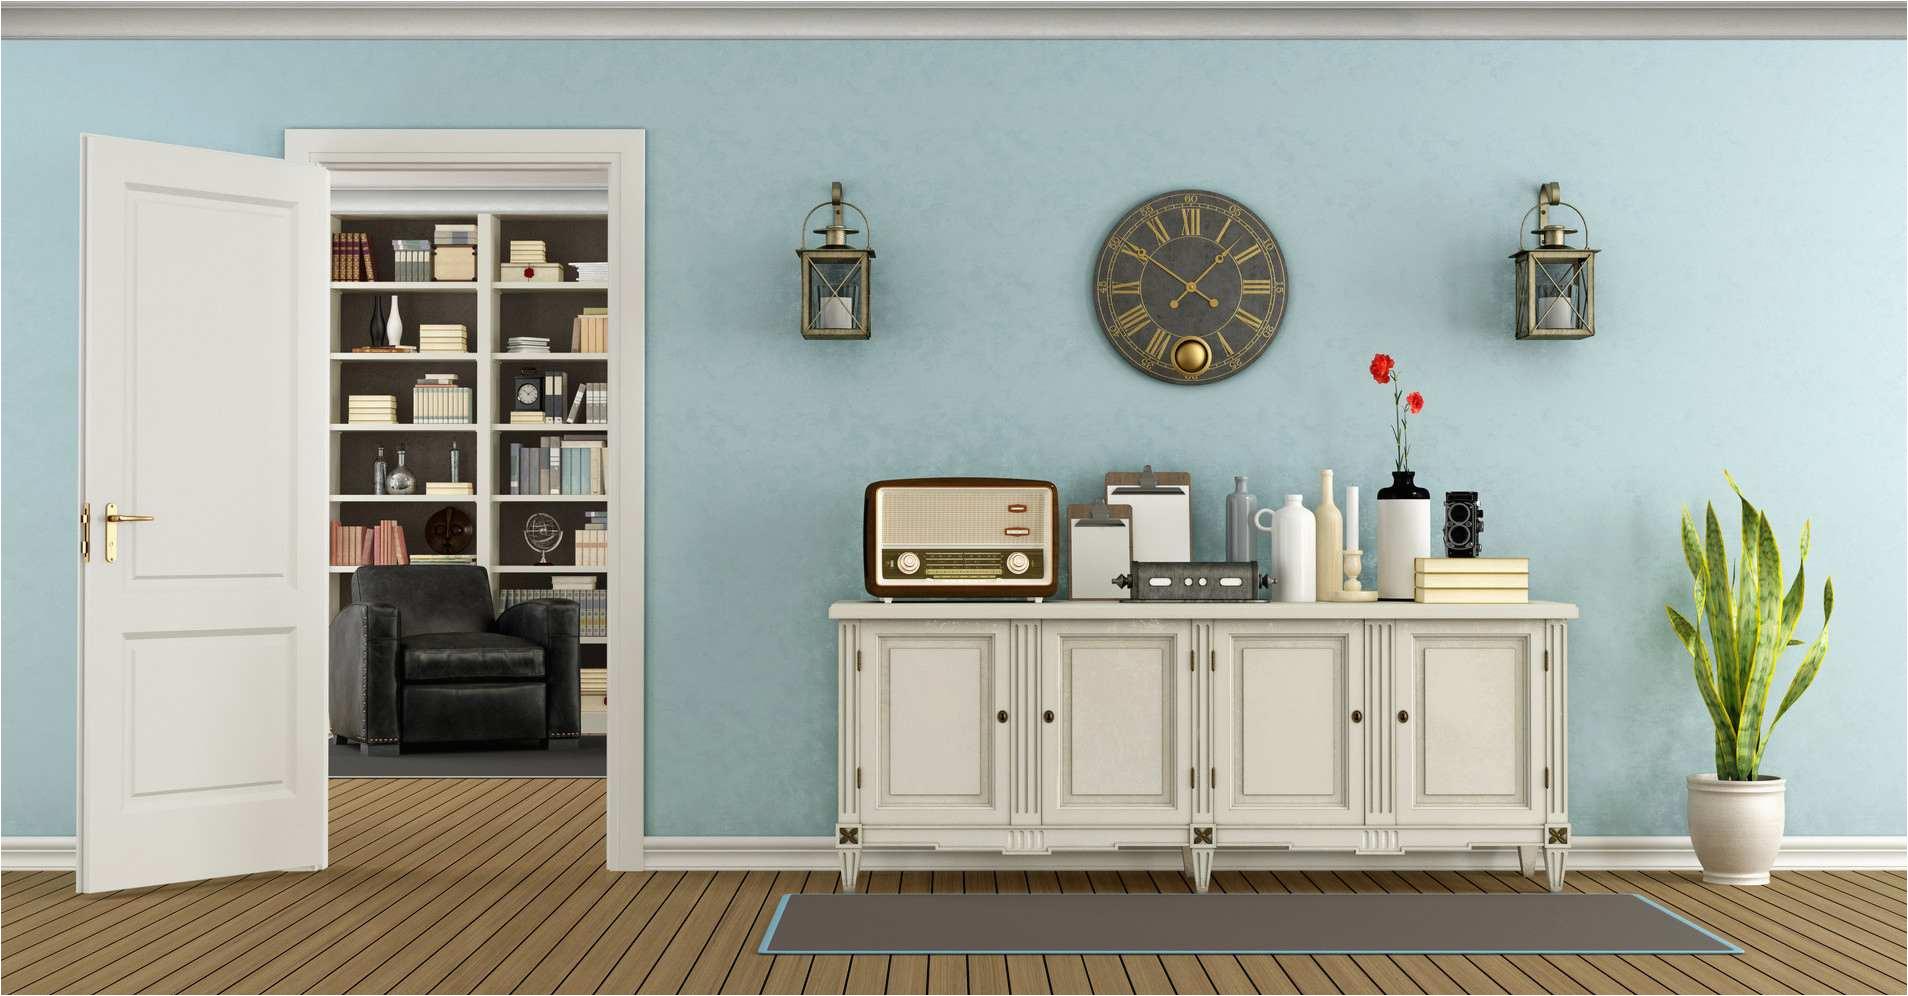 wohnzimmer schoner wohnen luxus schoner wohnen farbe genial schoner wohnen farben of wohnzimmer schoner wohnen